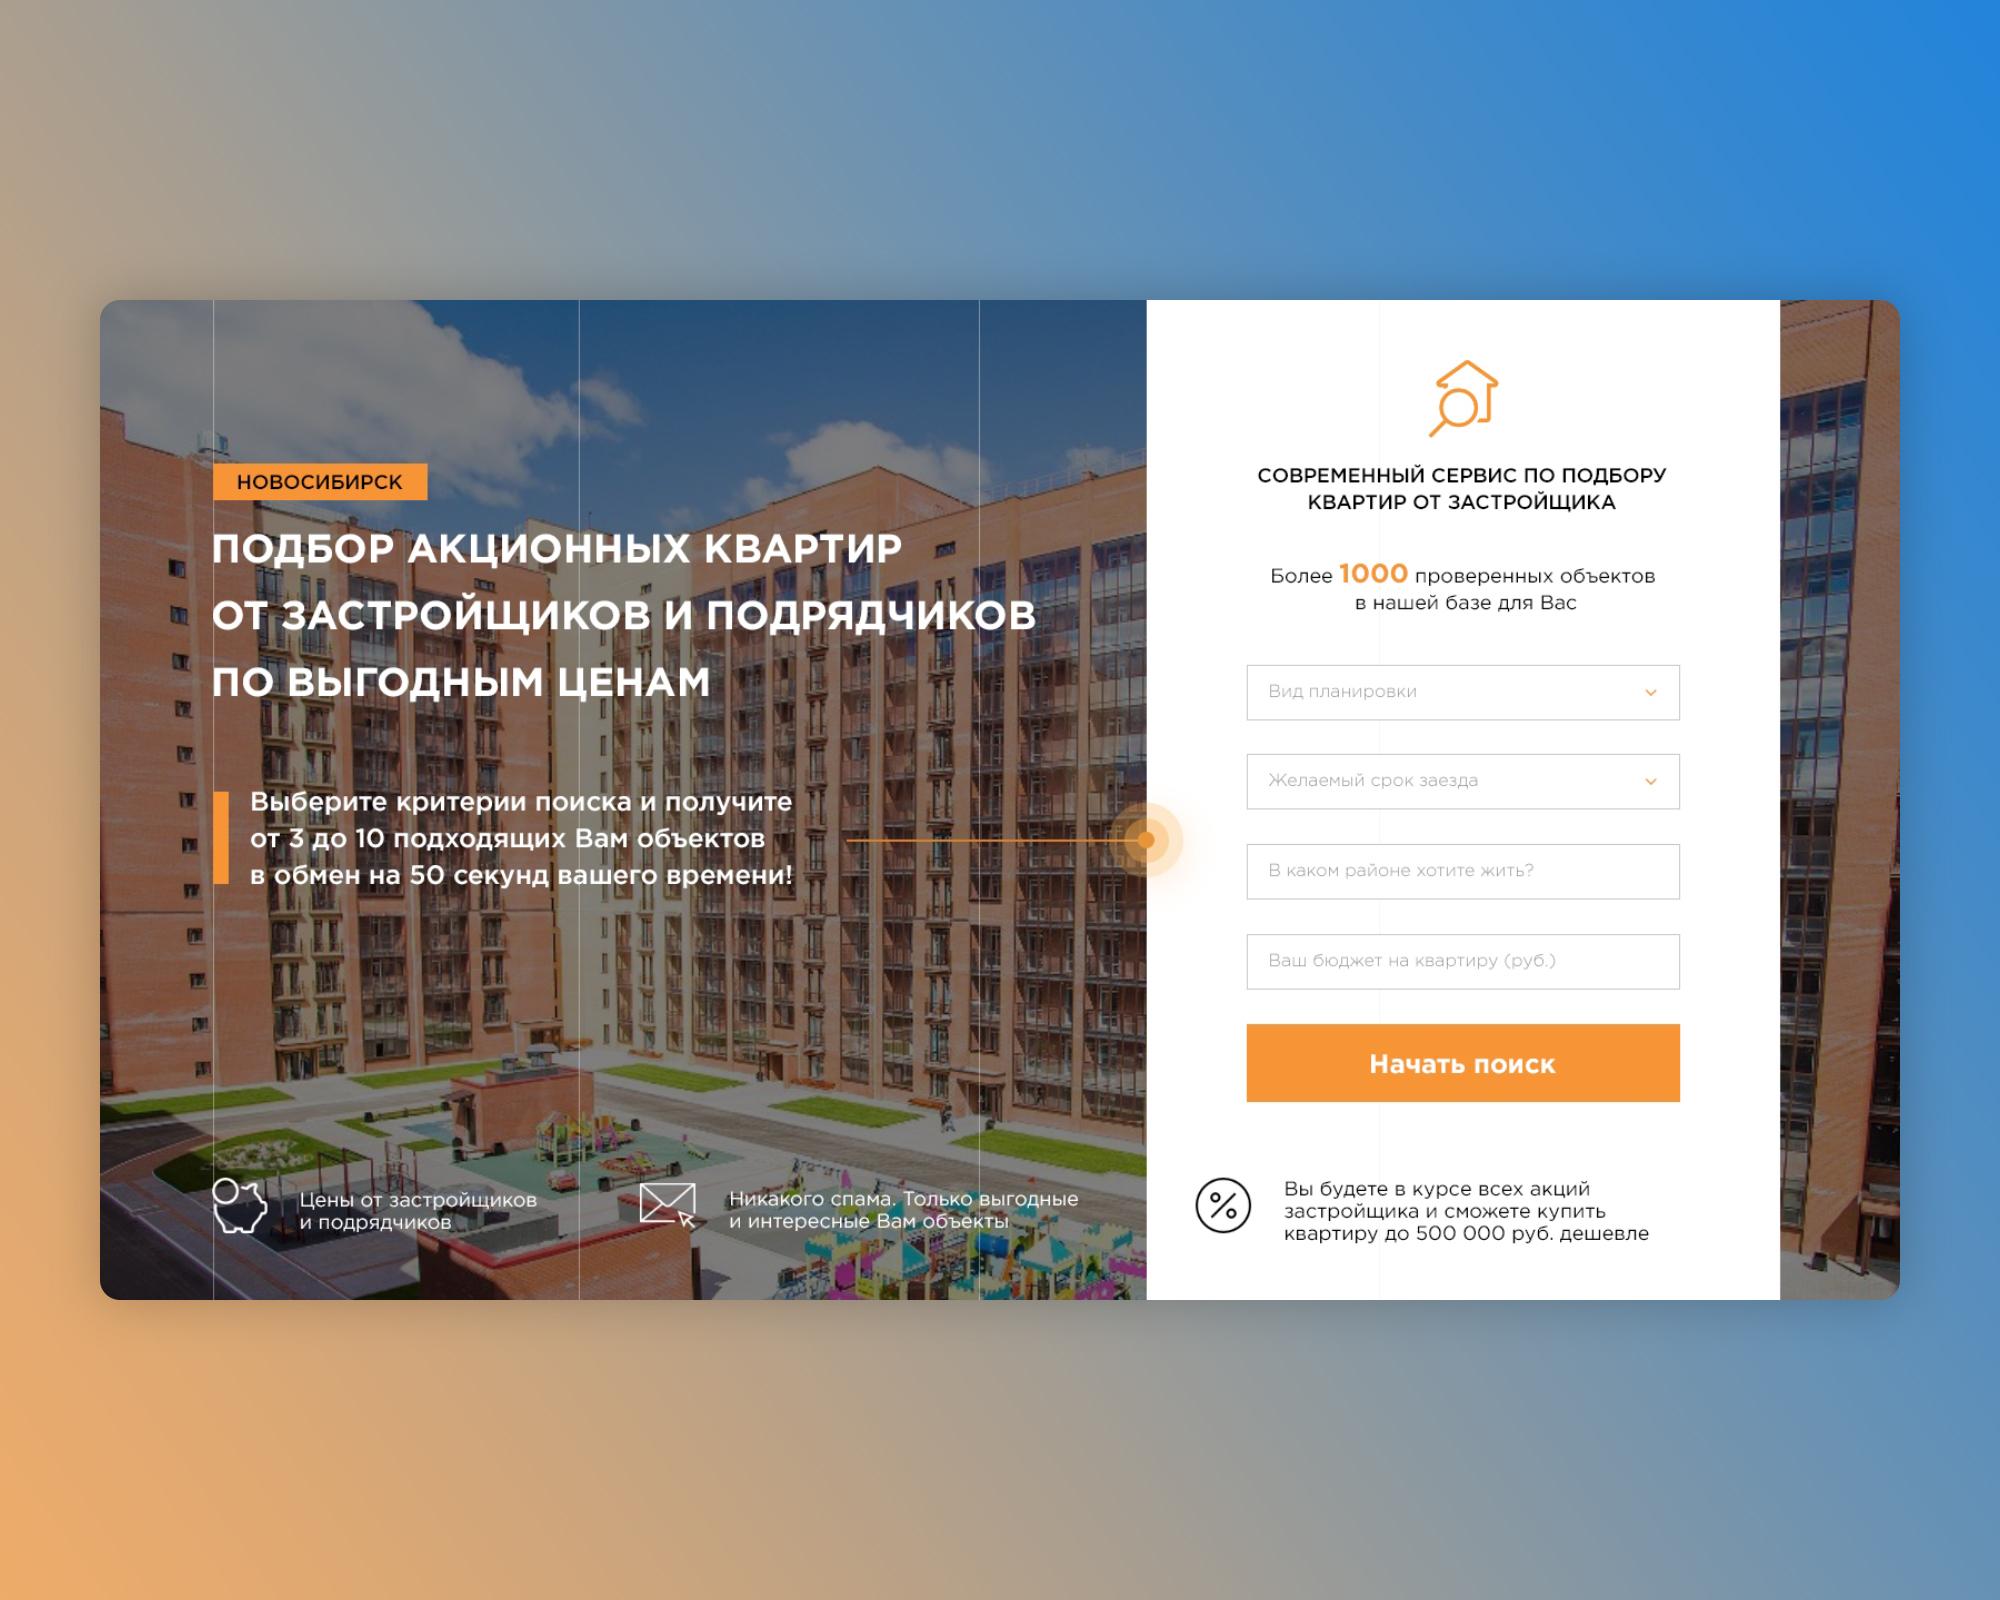 Переделать веб-сайт для sferon.ru фото f_0035b361c41dac60.jpg